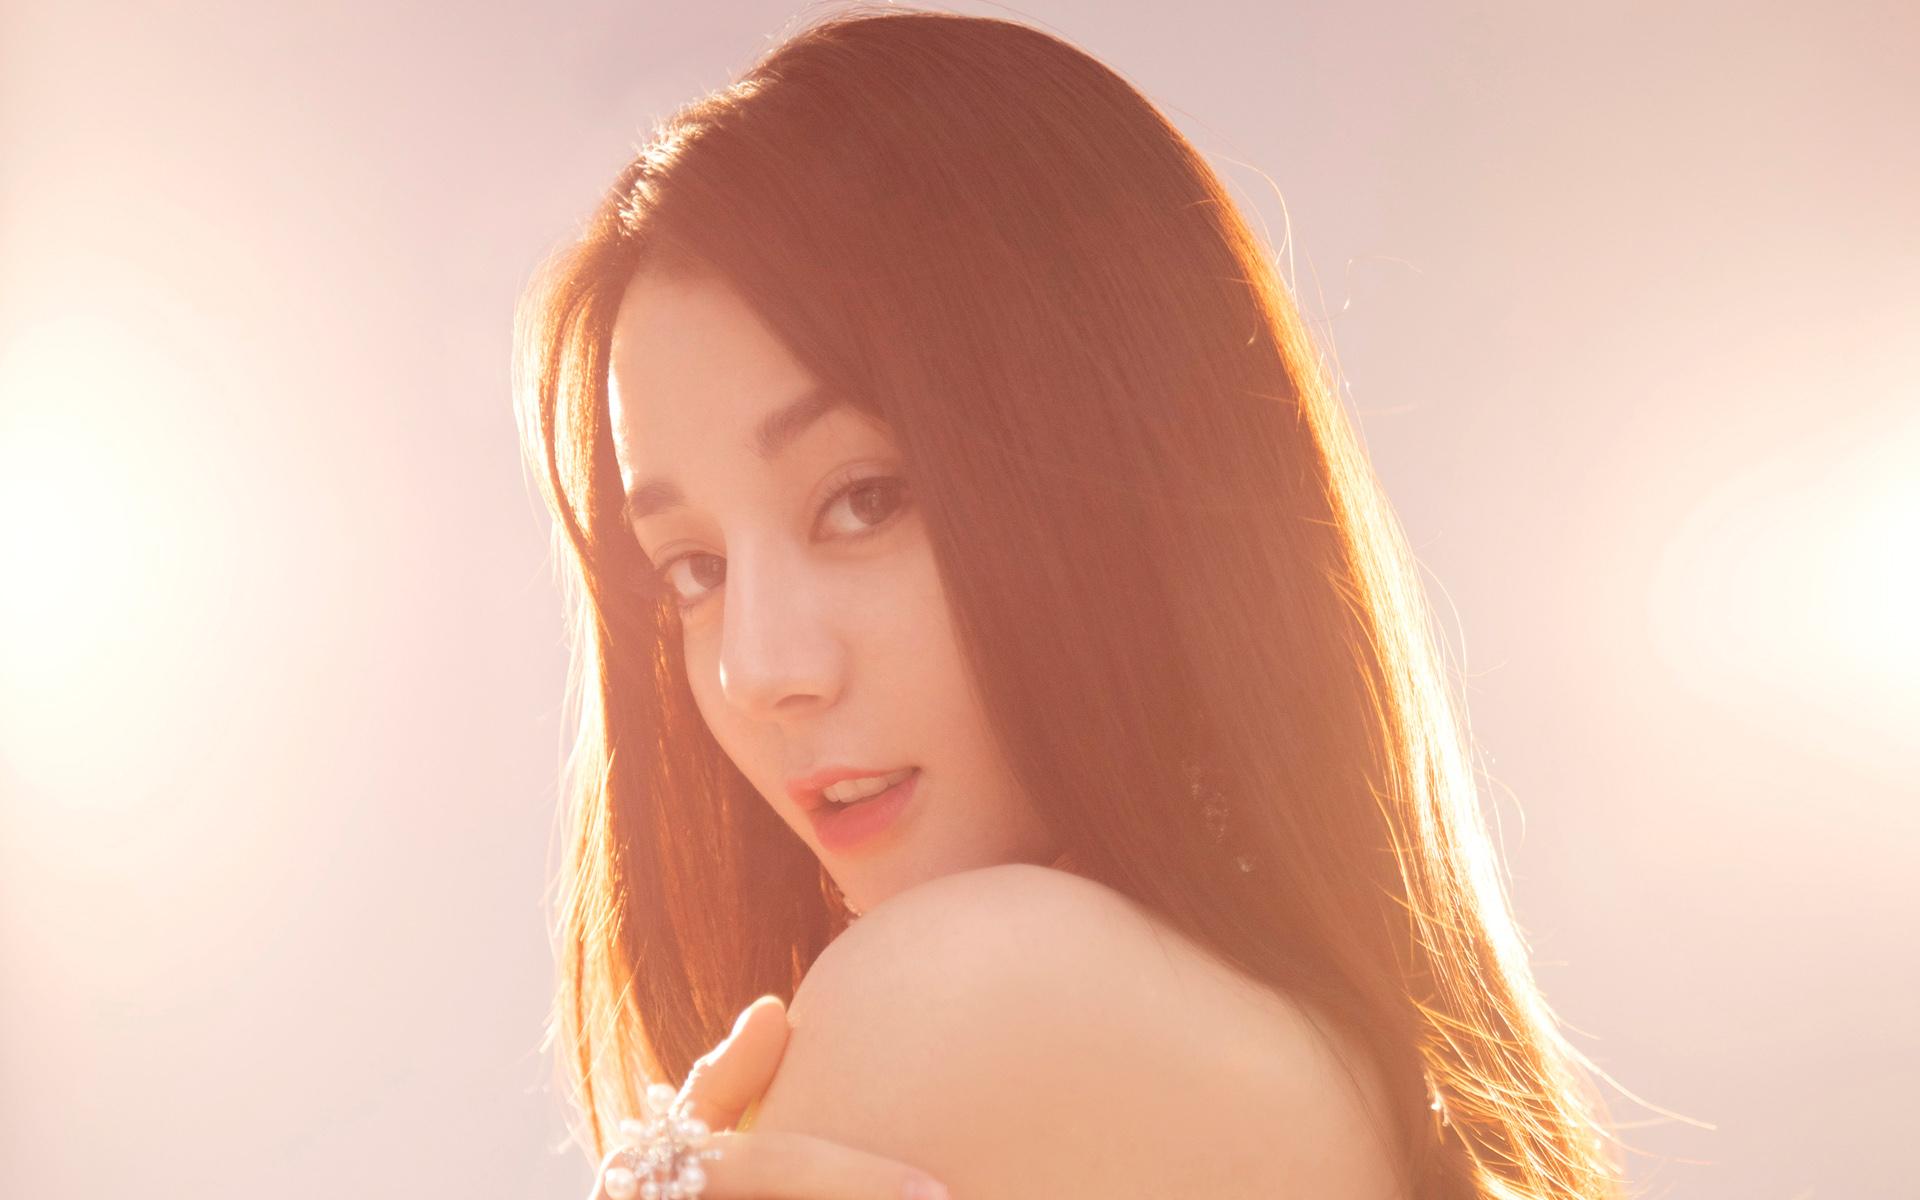 迪丽热巴淡粉色亮片礼服裙优雅气质写真图片高清壁纸